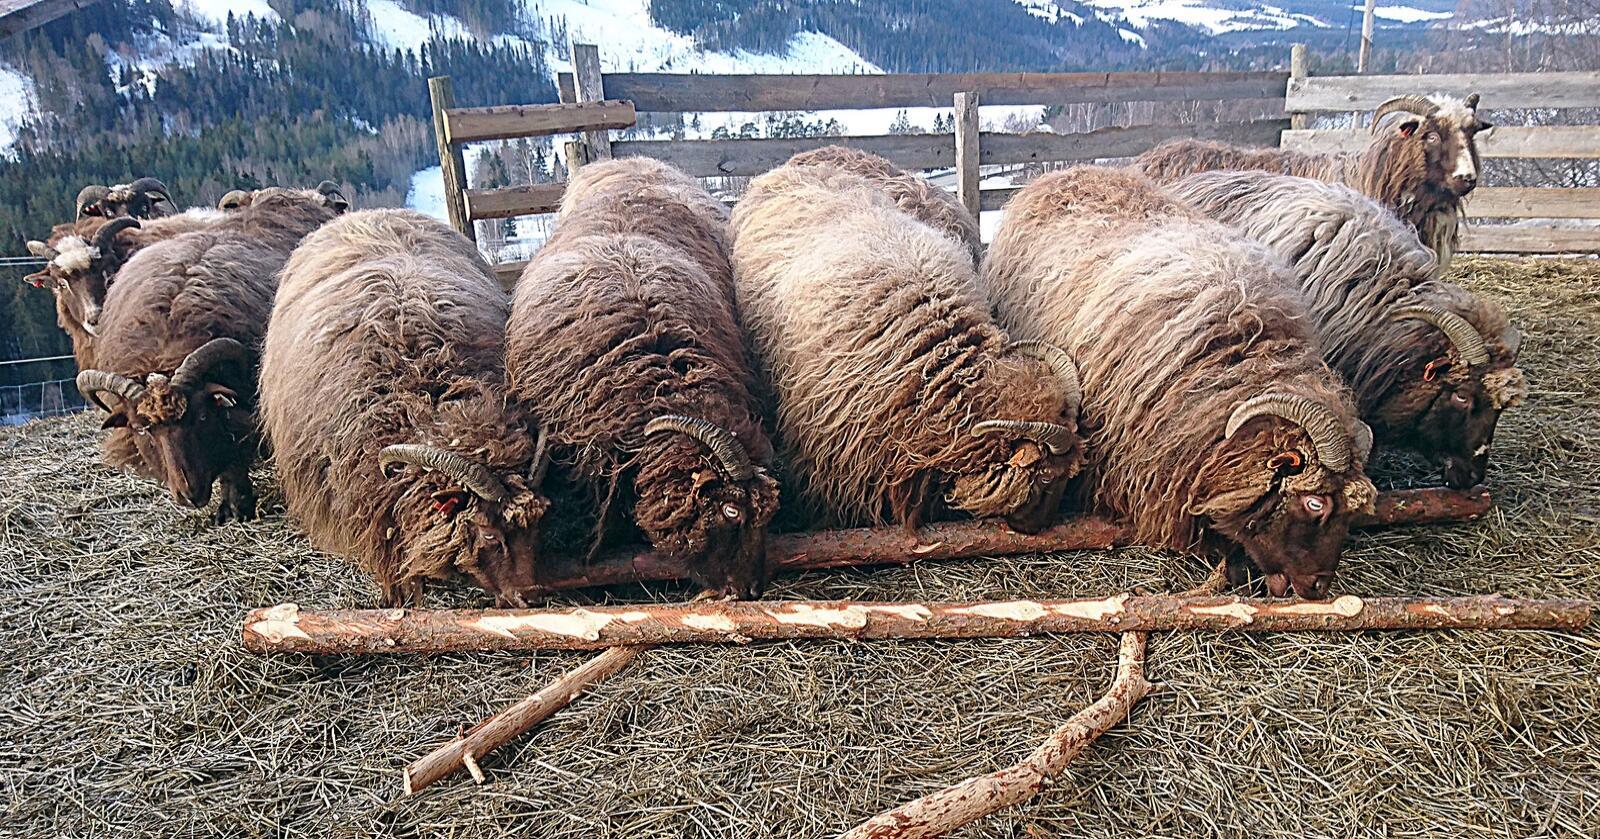 En gruppe forskere i prosjektet BarkCure har funnet at stoffer i bark fra gran og furu kan redusere problemene med innvollsorm og parasitter hos drøvtyggere. Resultatene kan gi både husdyrbruk og norsk skogbruk et skikkelig løft. Her sauer i Heidal som også gjerne spiser naturlig bark fra skogbruket vinterstid.  Foto: Bård Bårdløkken